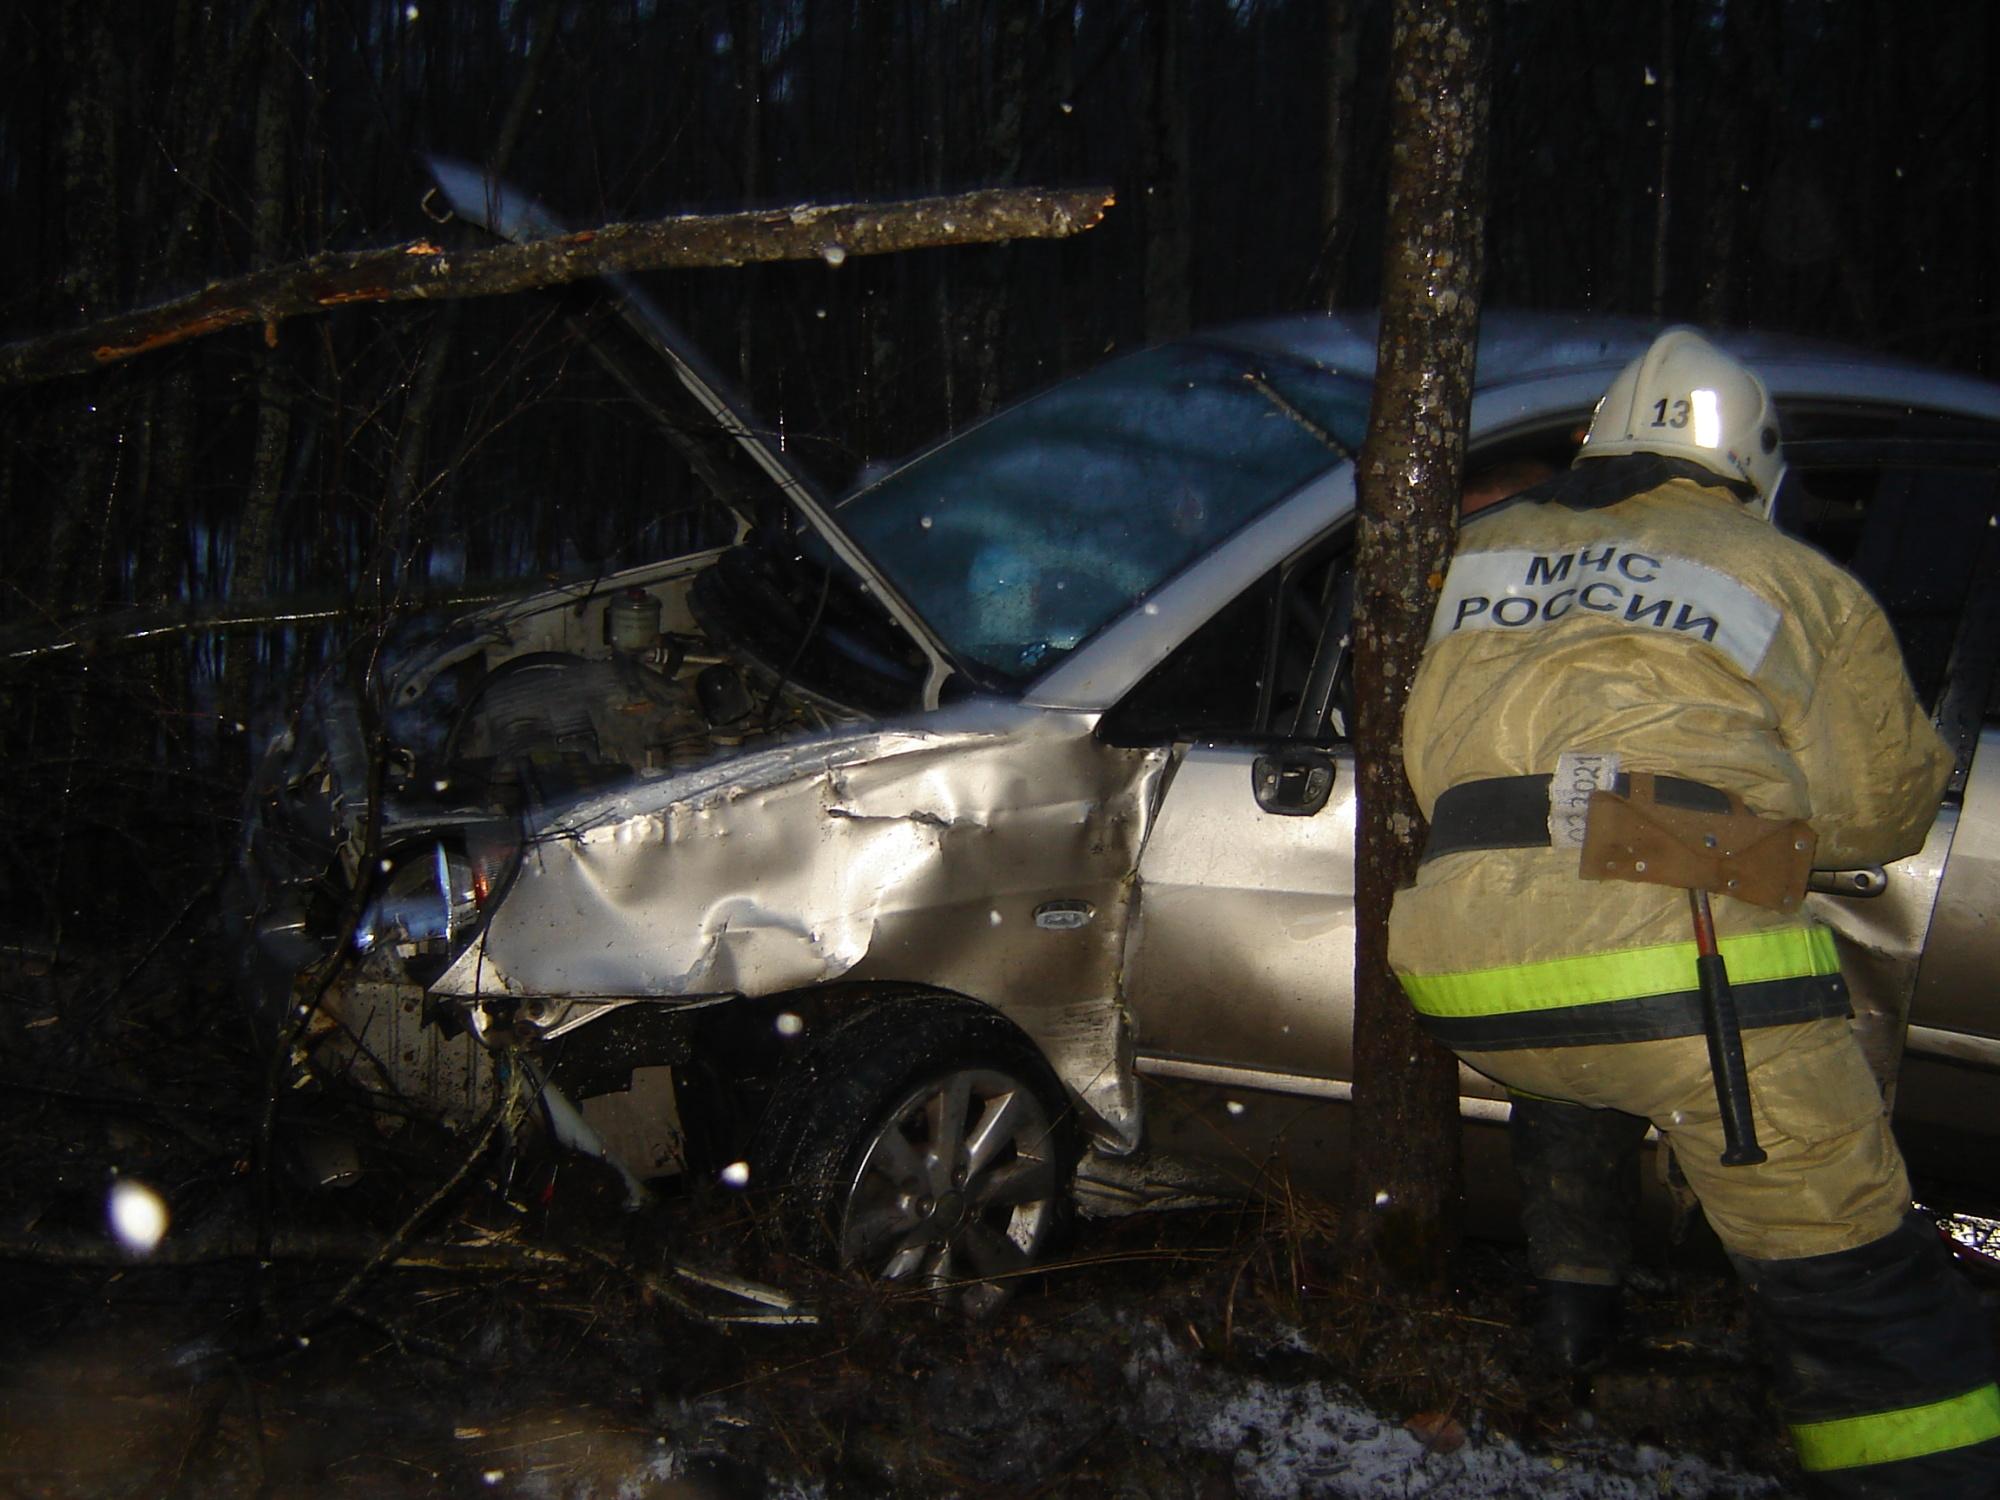 Пожарно-спасательное подразделение привлекалось для ликвидации ДТП в Кондопожском районе.